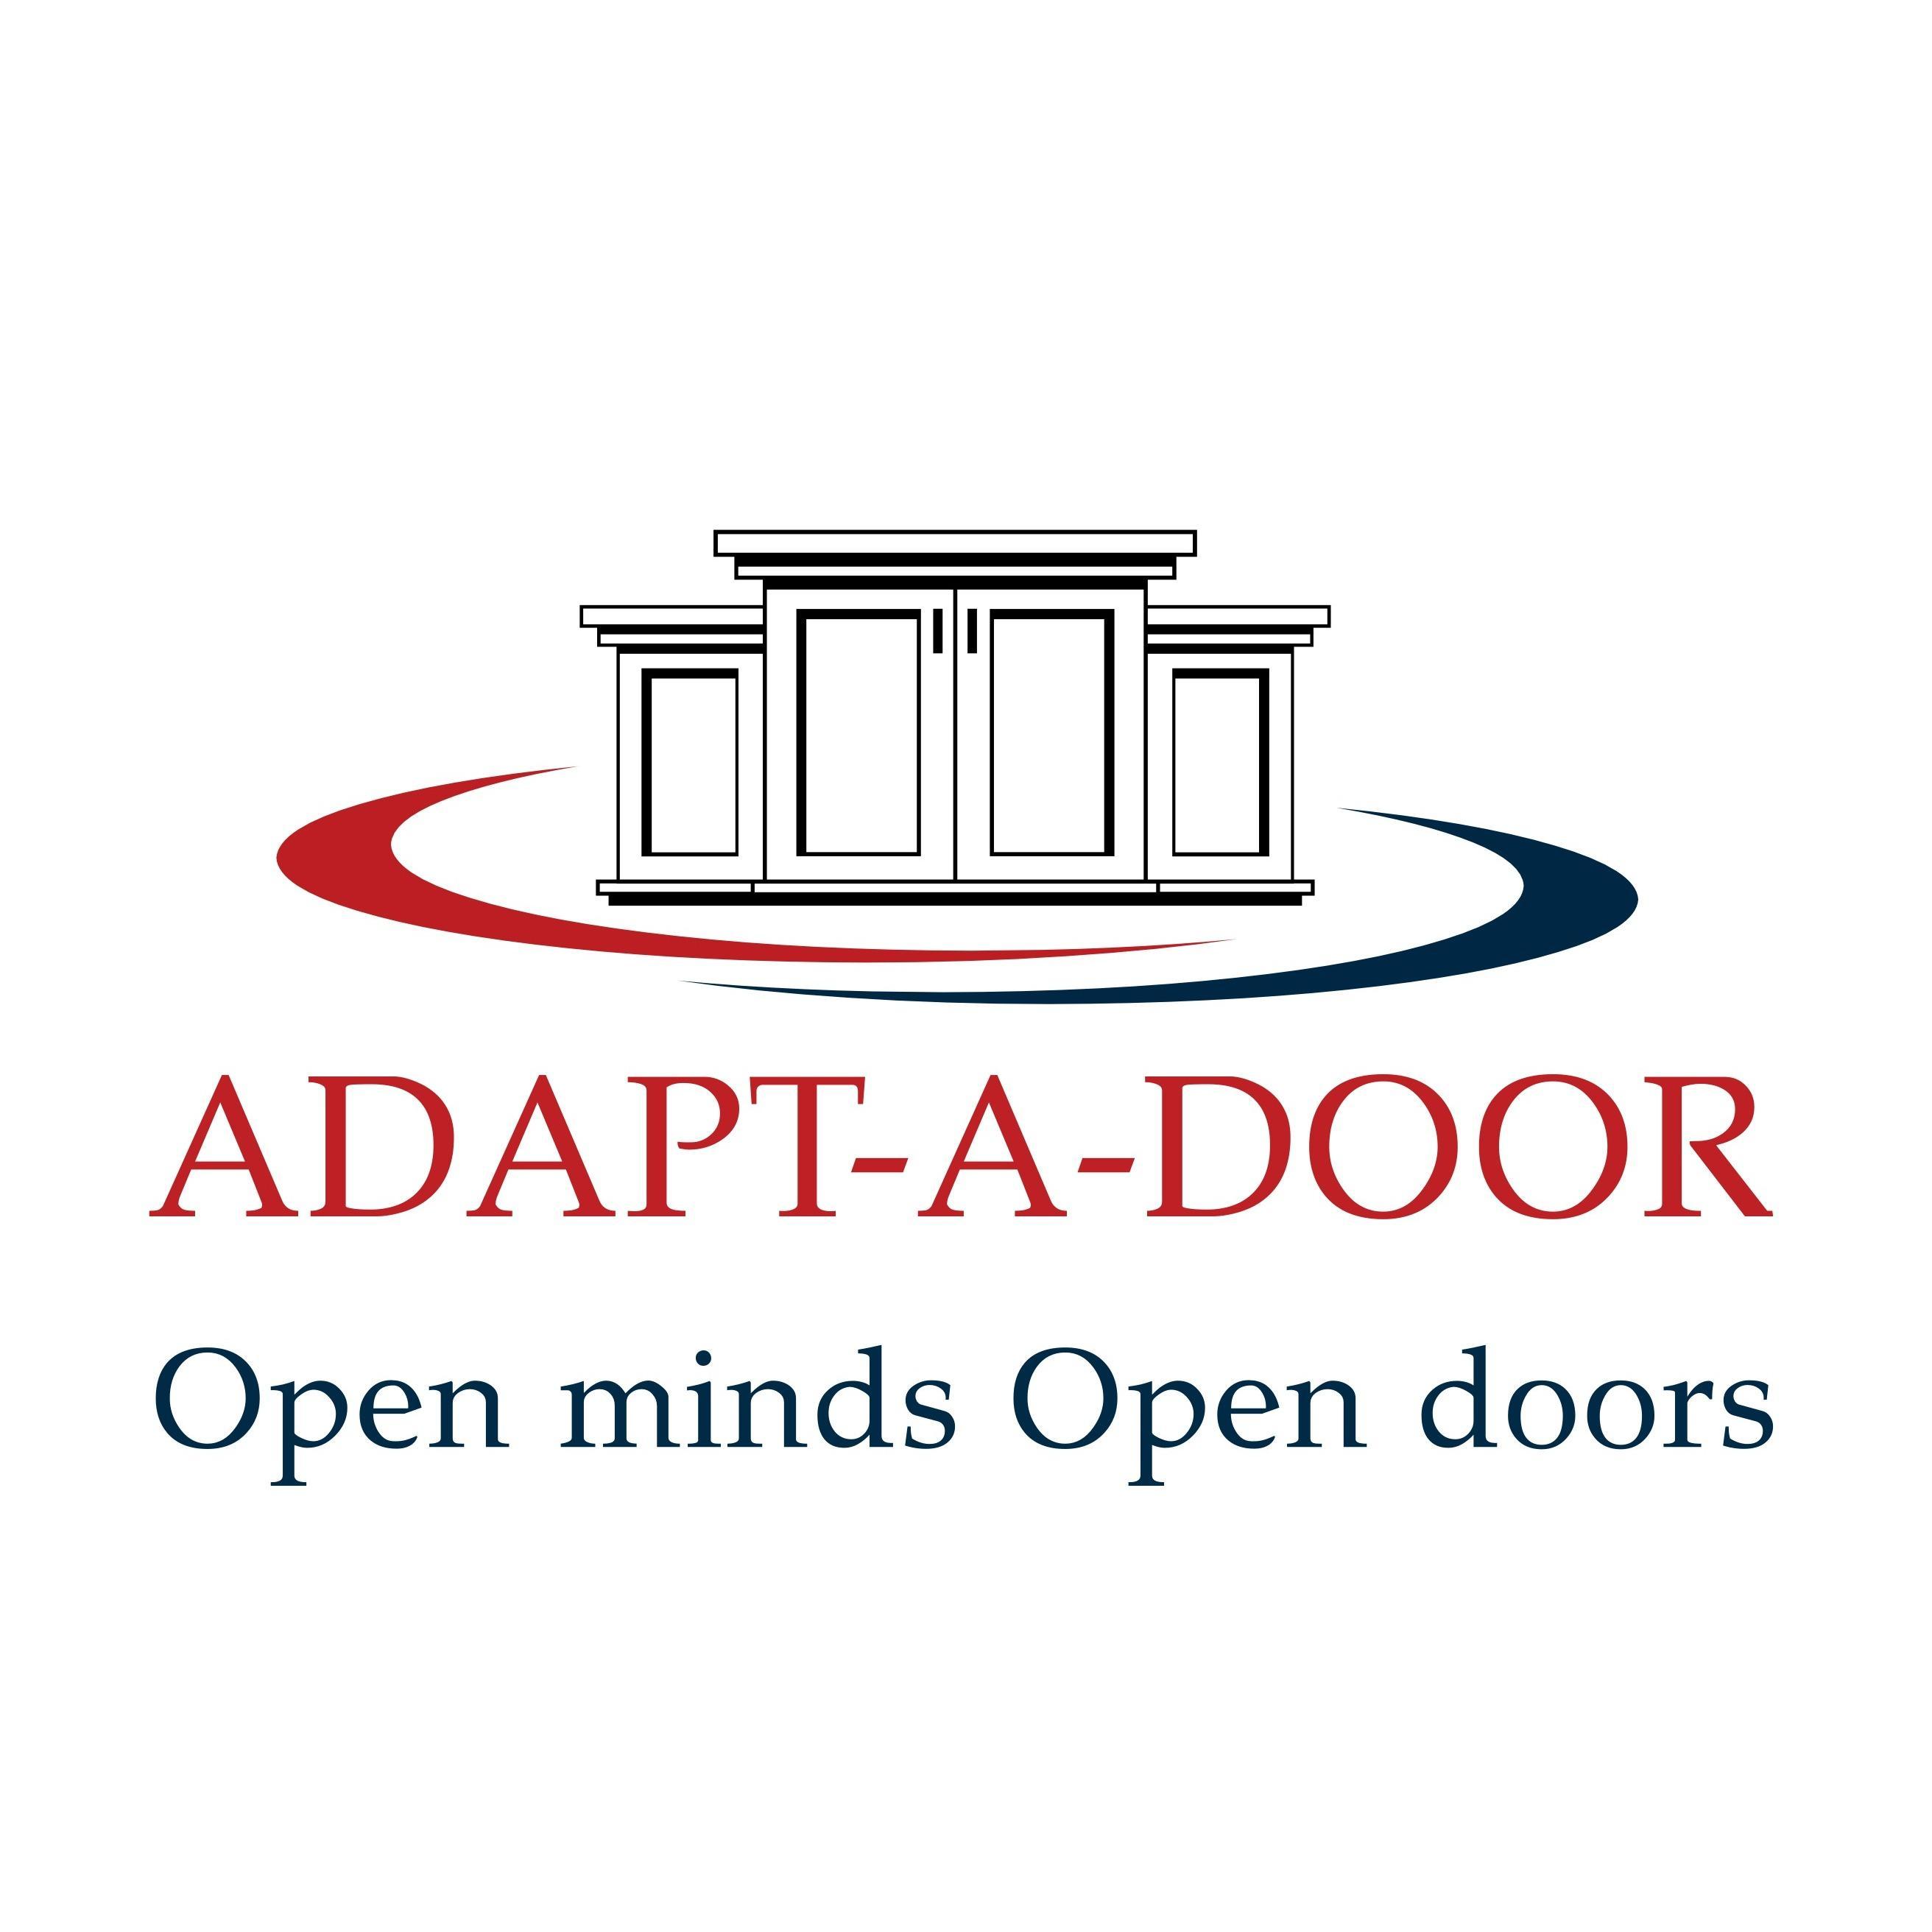 ADAPT-A-DOOR